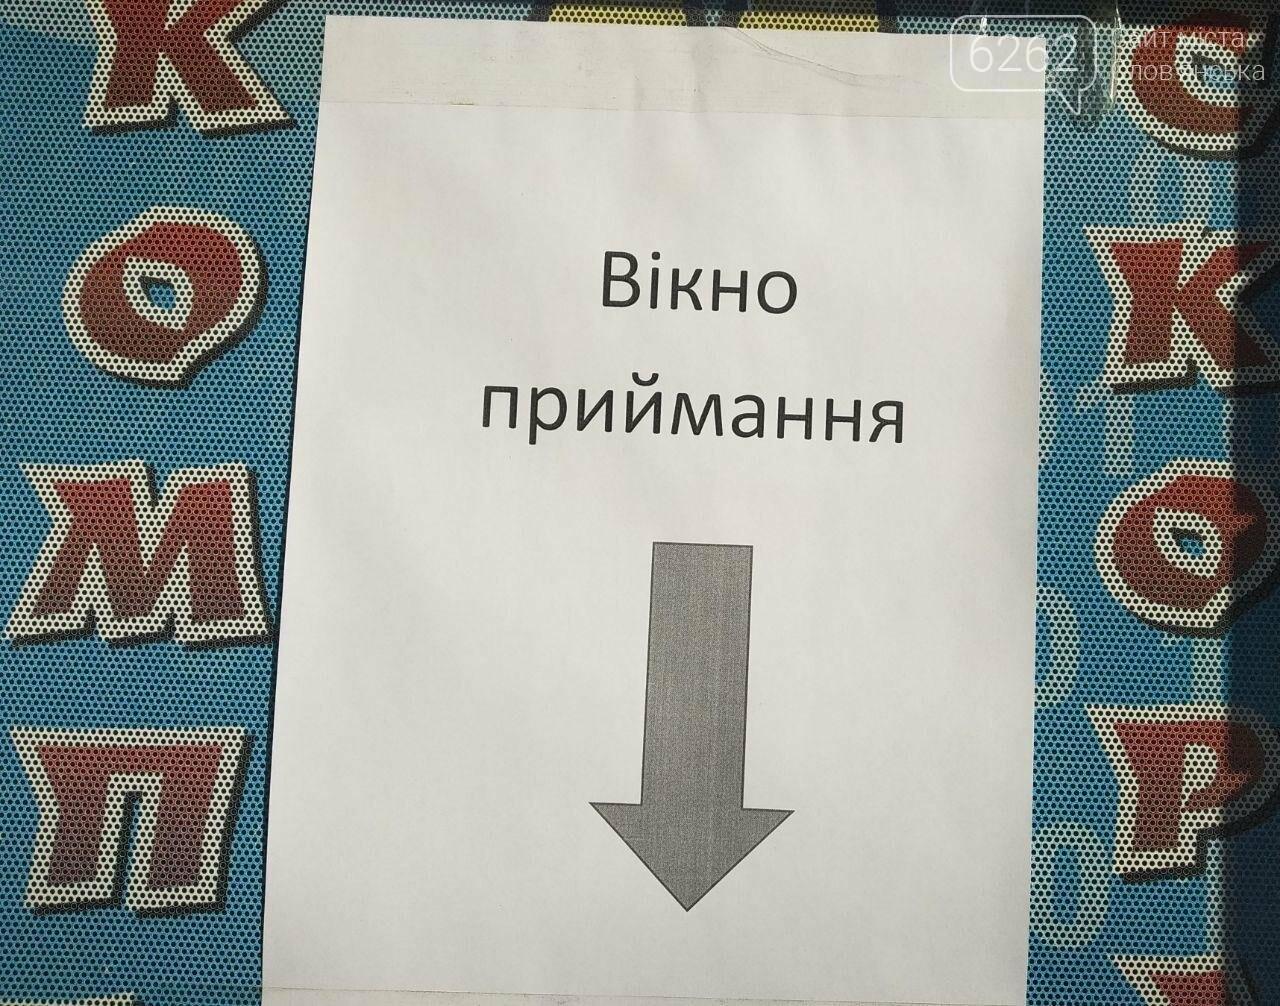 Як бізнес Слов'янська працює під час карантину, фото-10